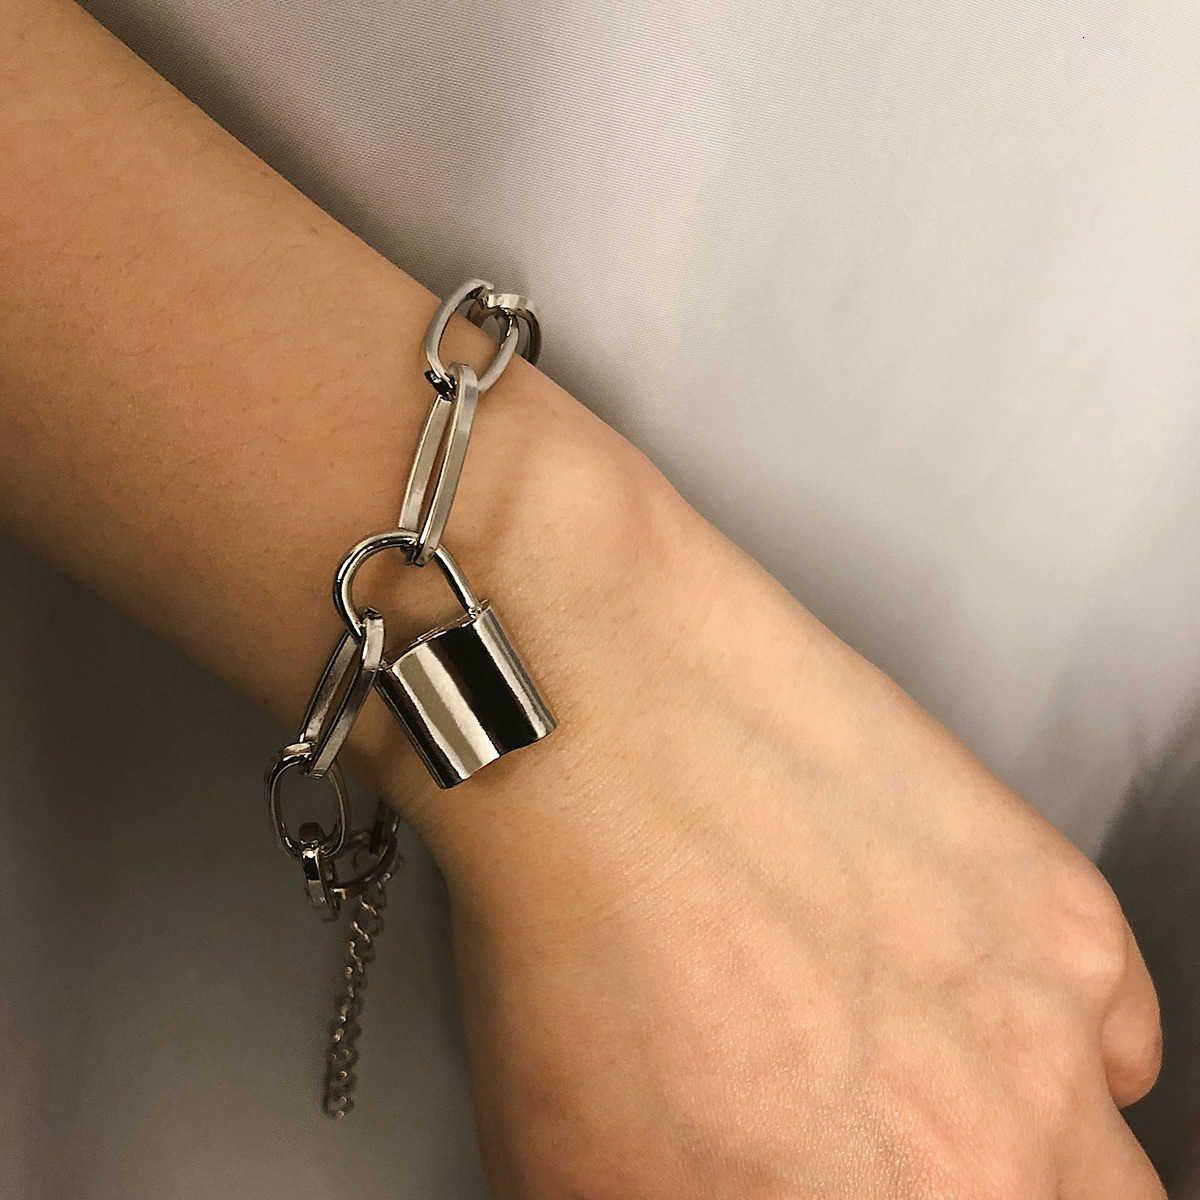 Takı kişilik yaratıcı geometrik kolye el süsleme kadın çok yönlü mizaç kilidi basit zincir bilezik